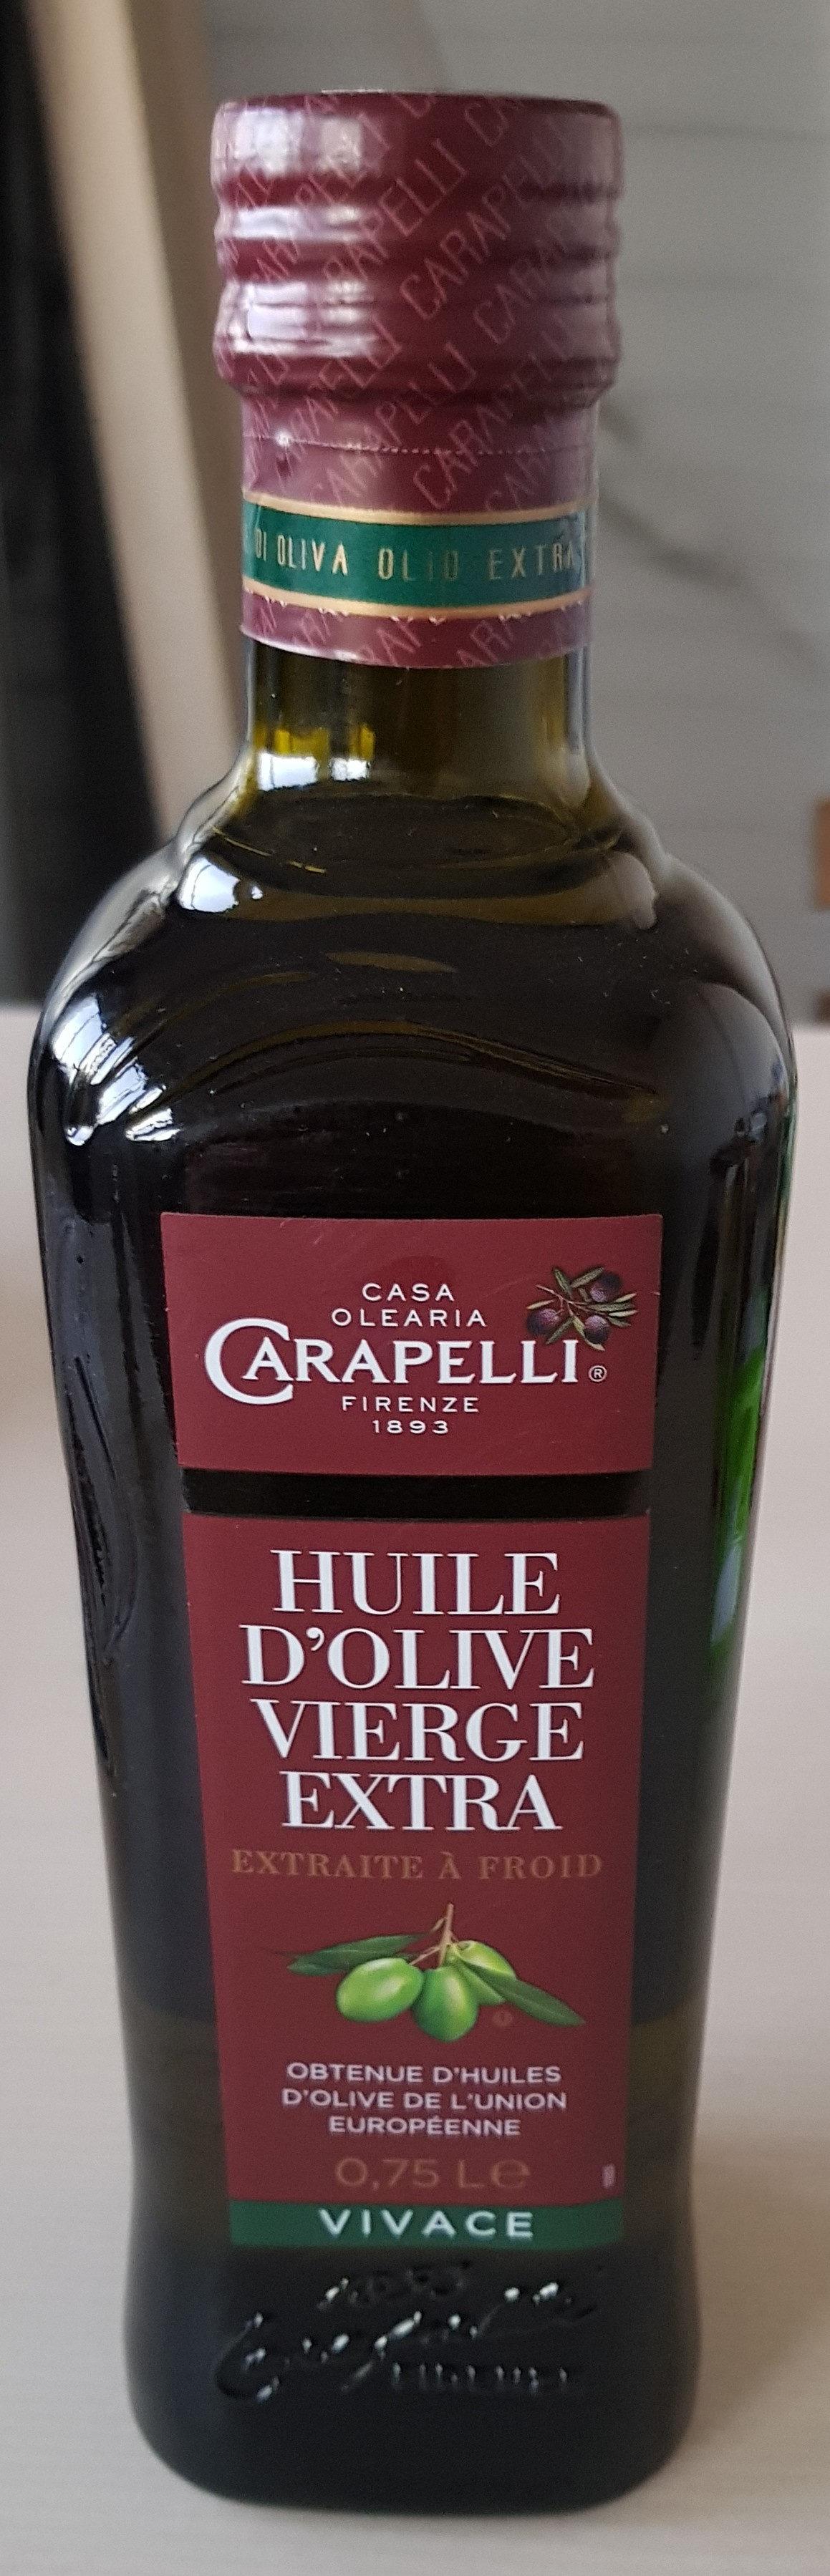 Huile olive vierge extra Vivace 75 CL - Produit - fr